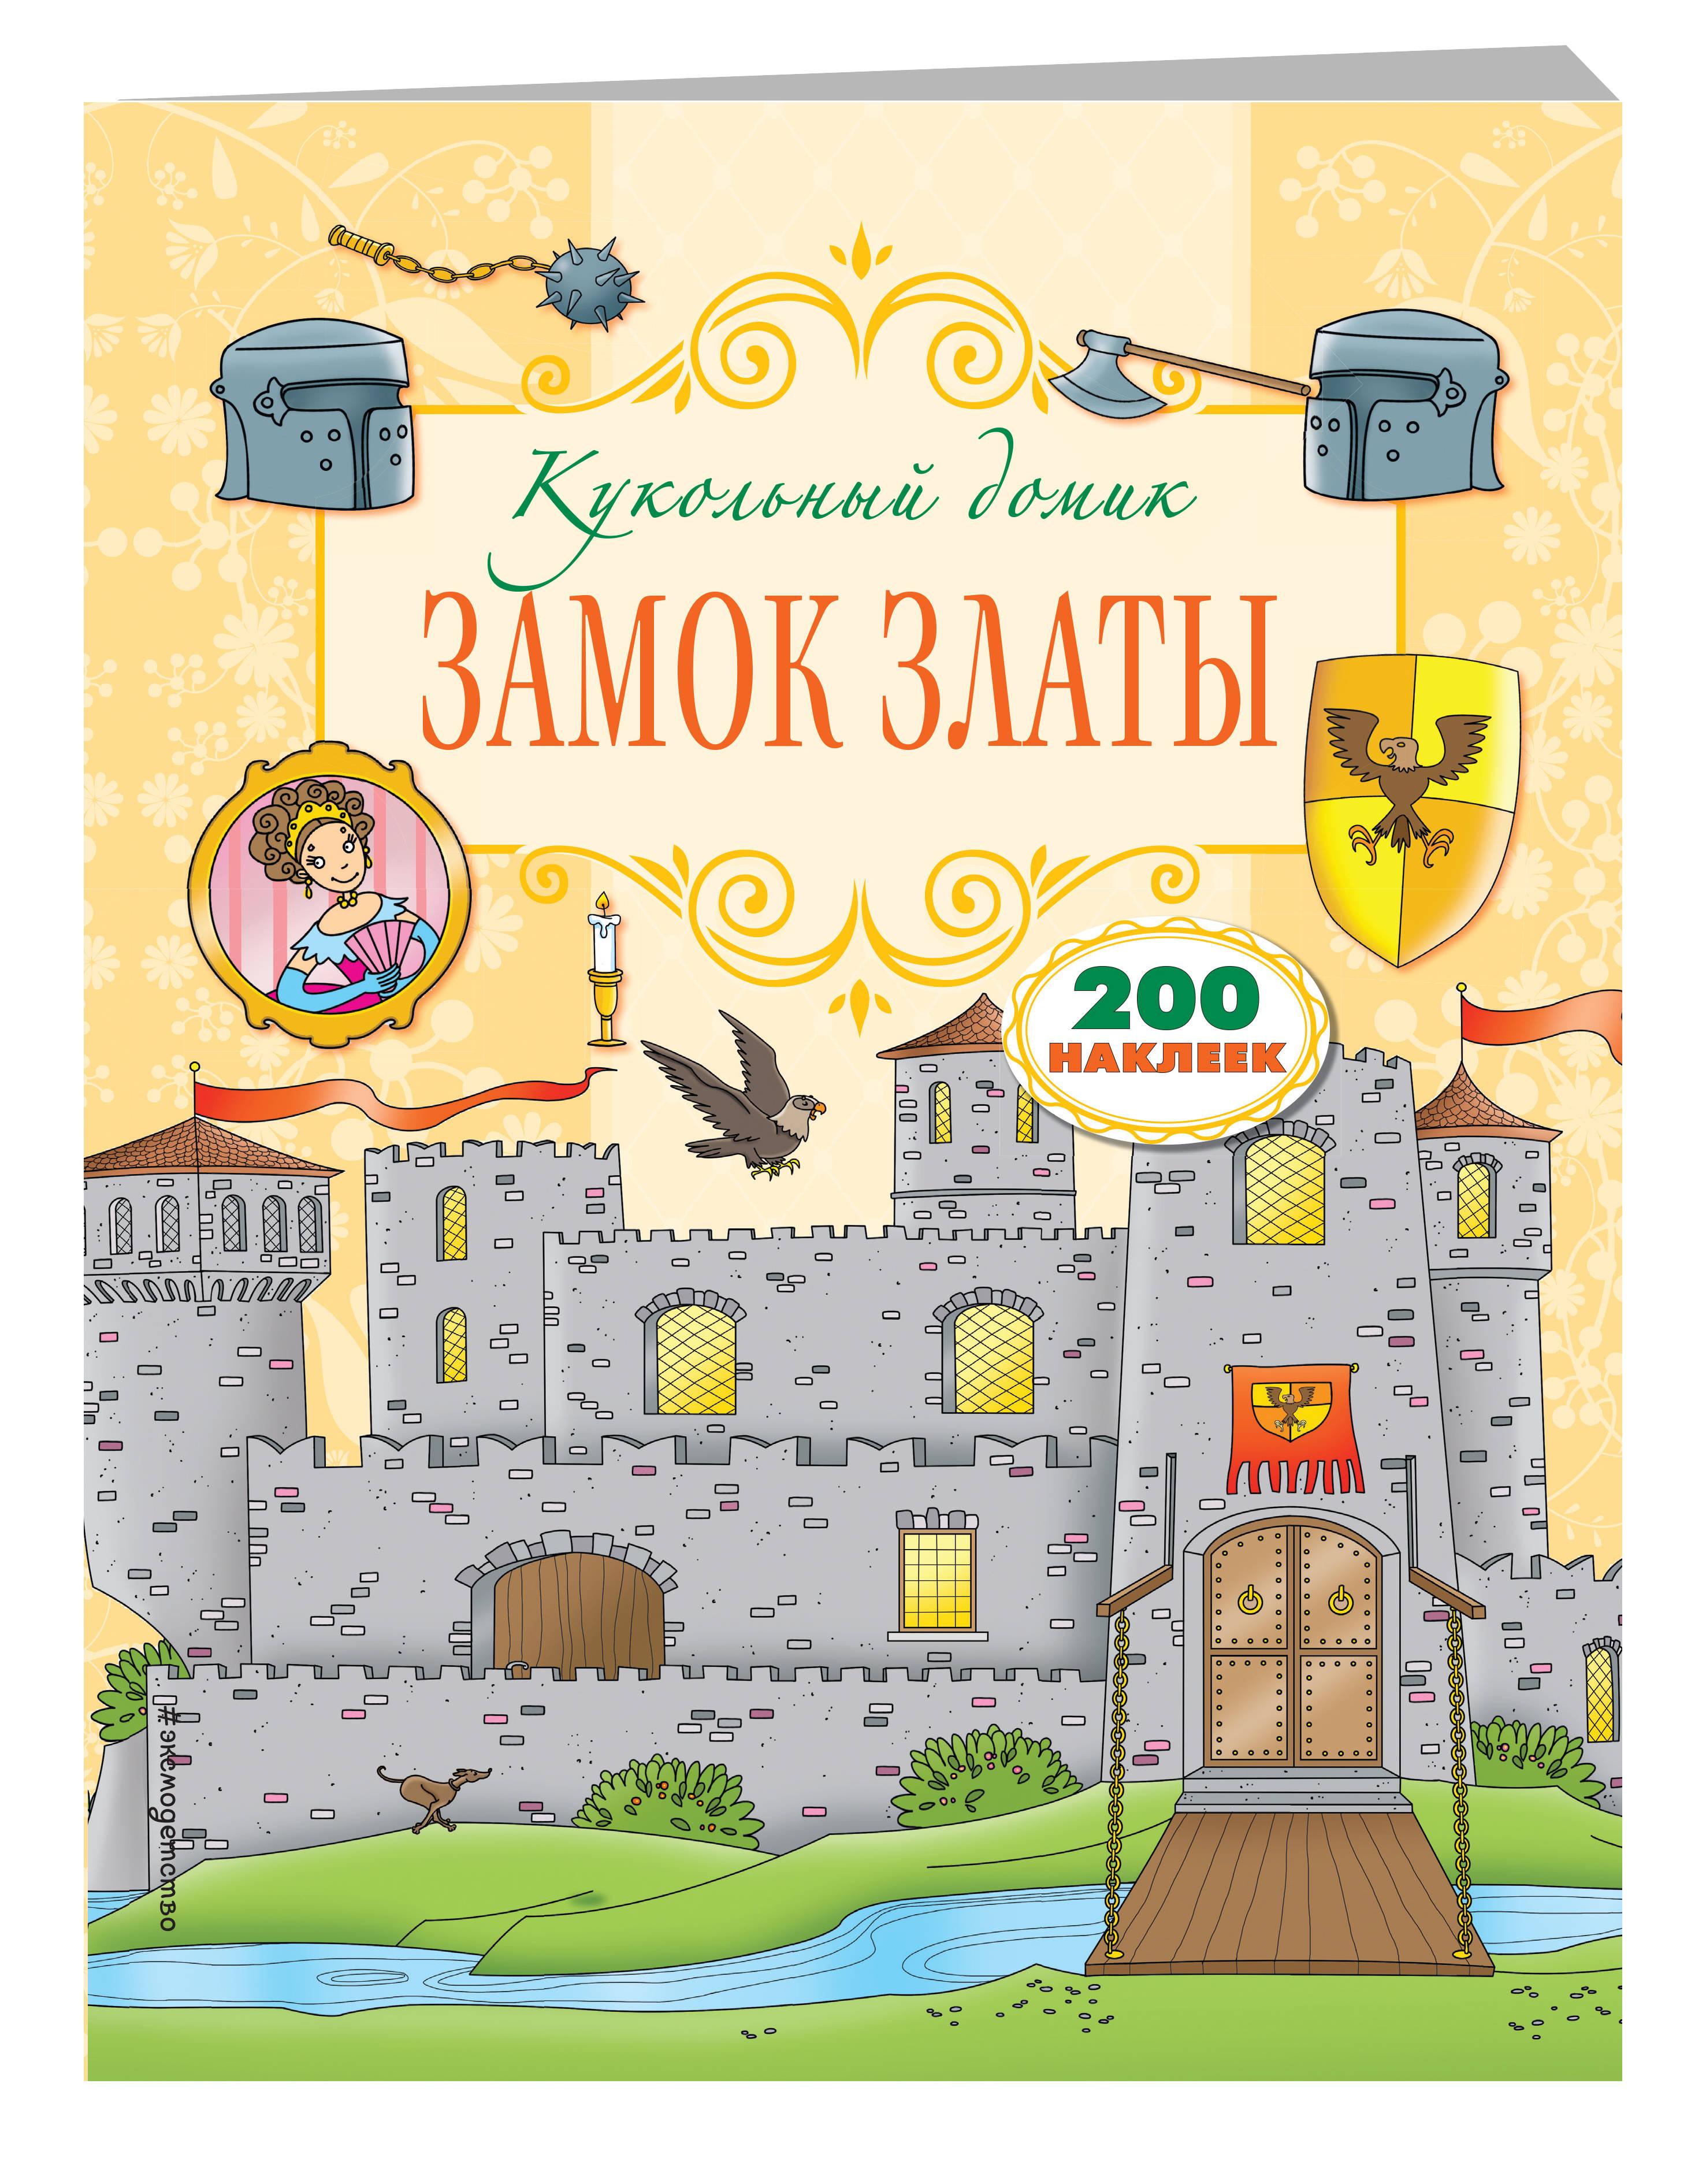 Замок Златы почтовый замок в москве